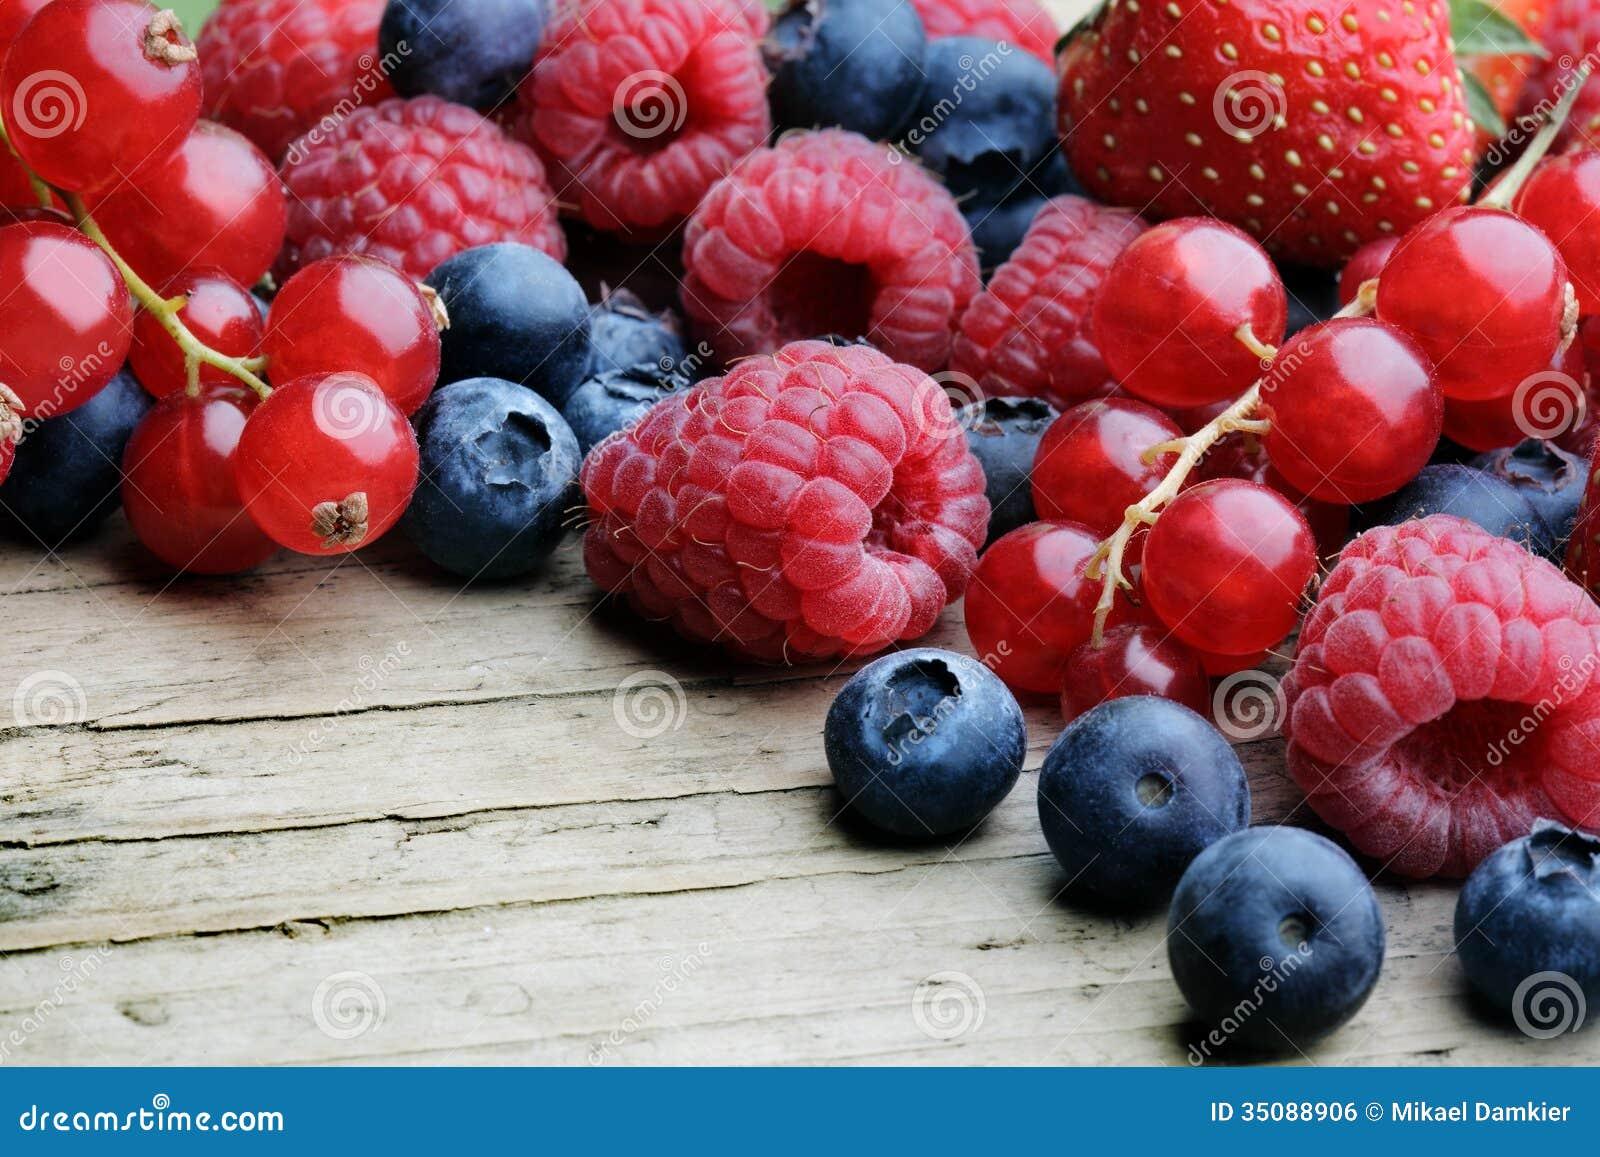 Mezcla de berrie differrerent